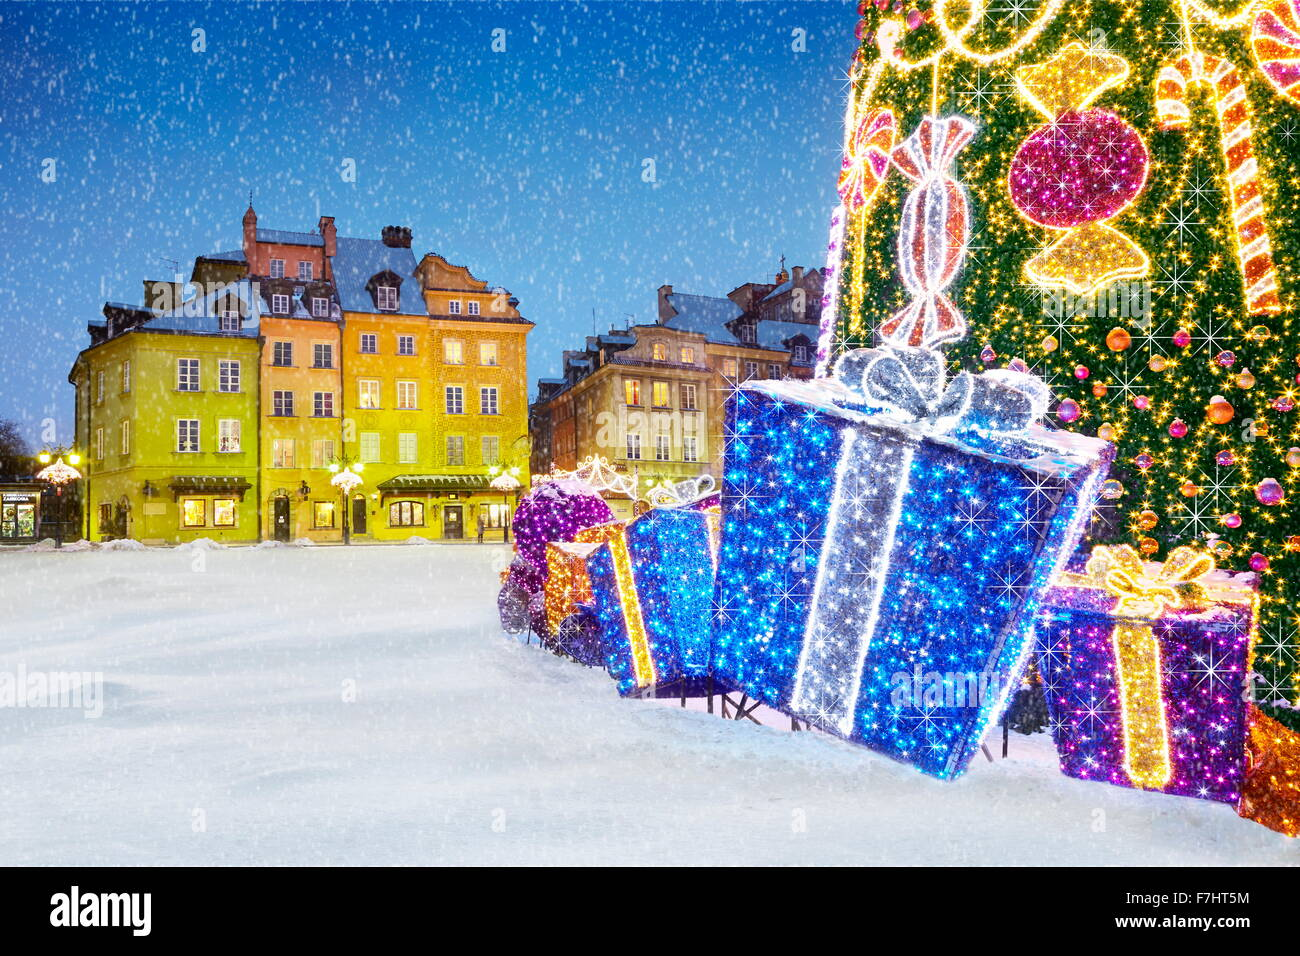 Decoración exterior de Nieve Árbol de navidad con regalos, Varsovia, Polonia Imagen De Stock